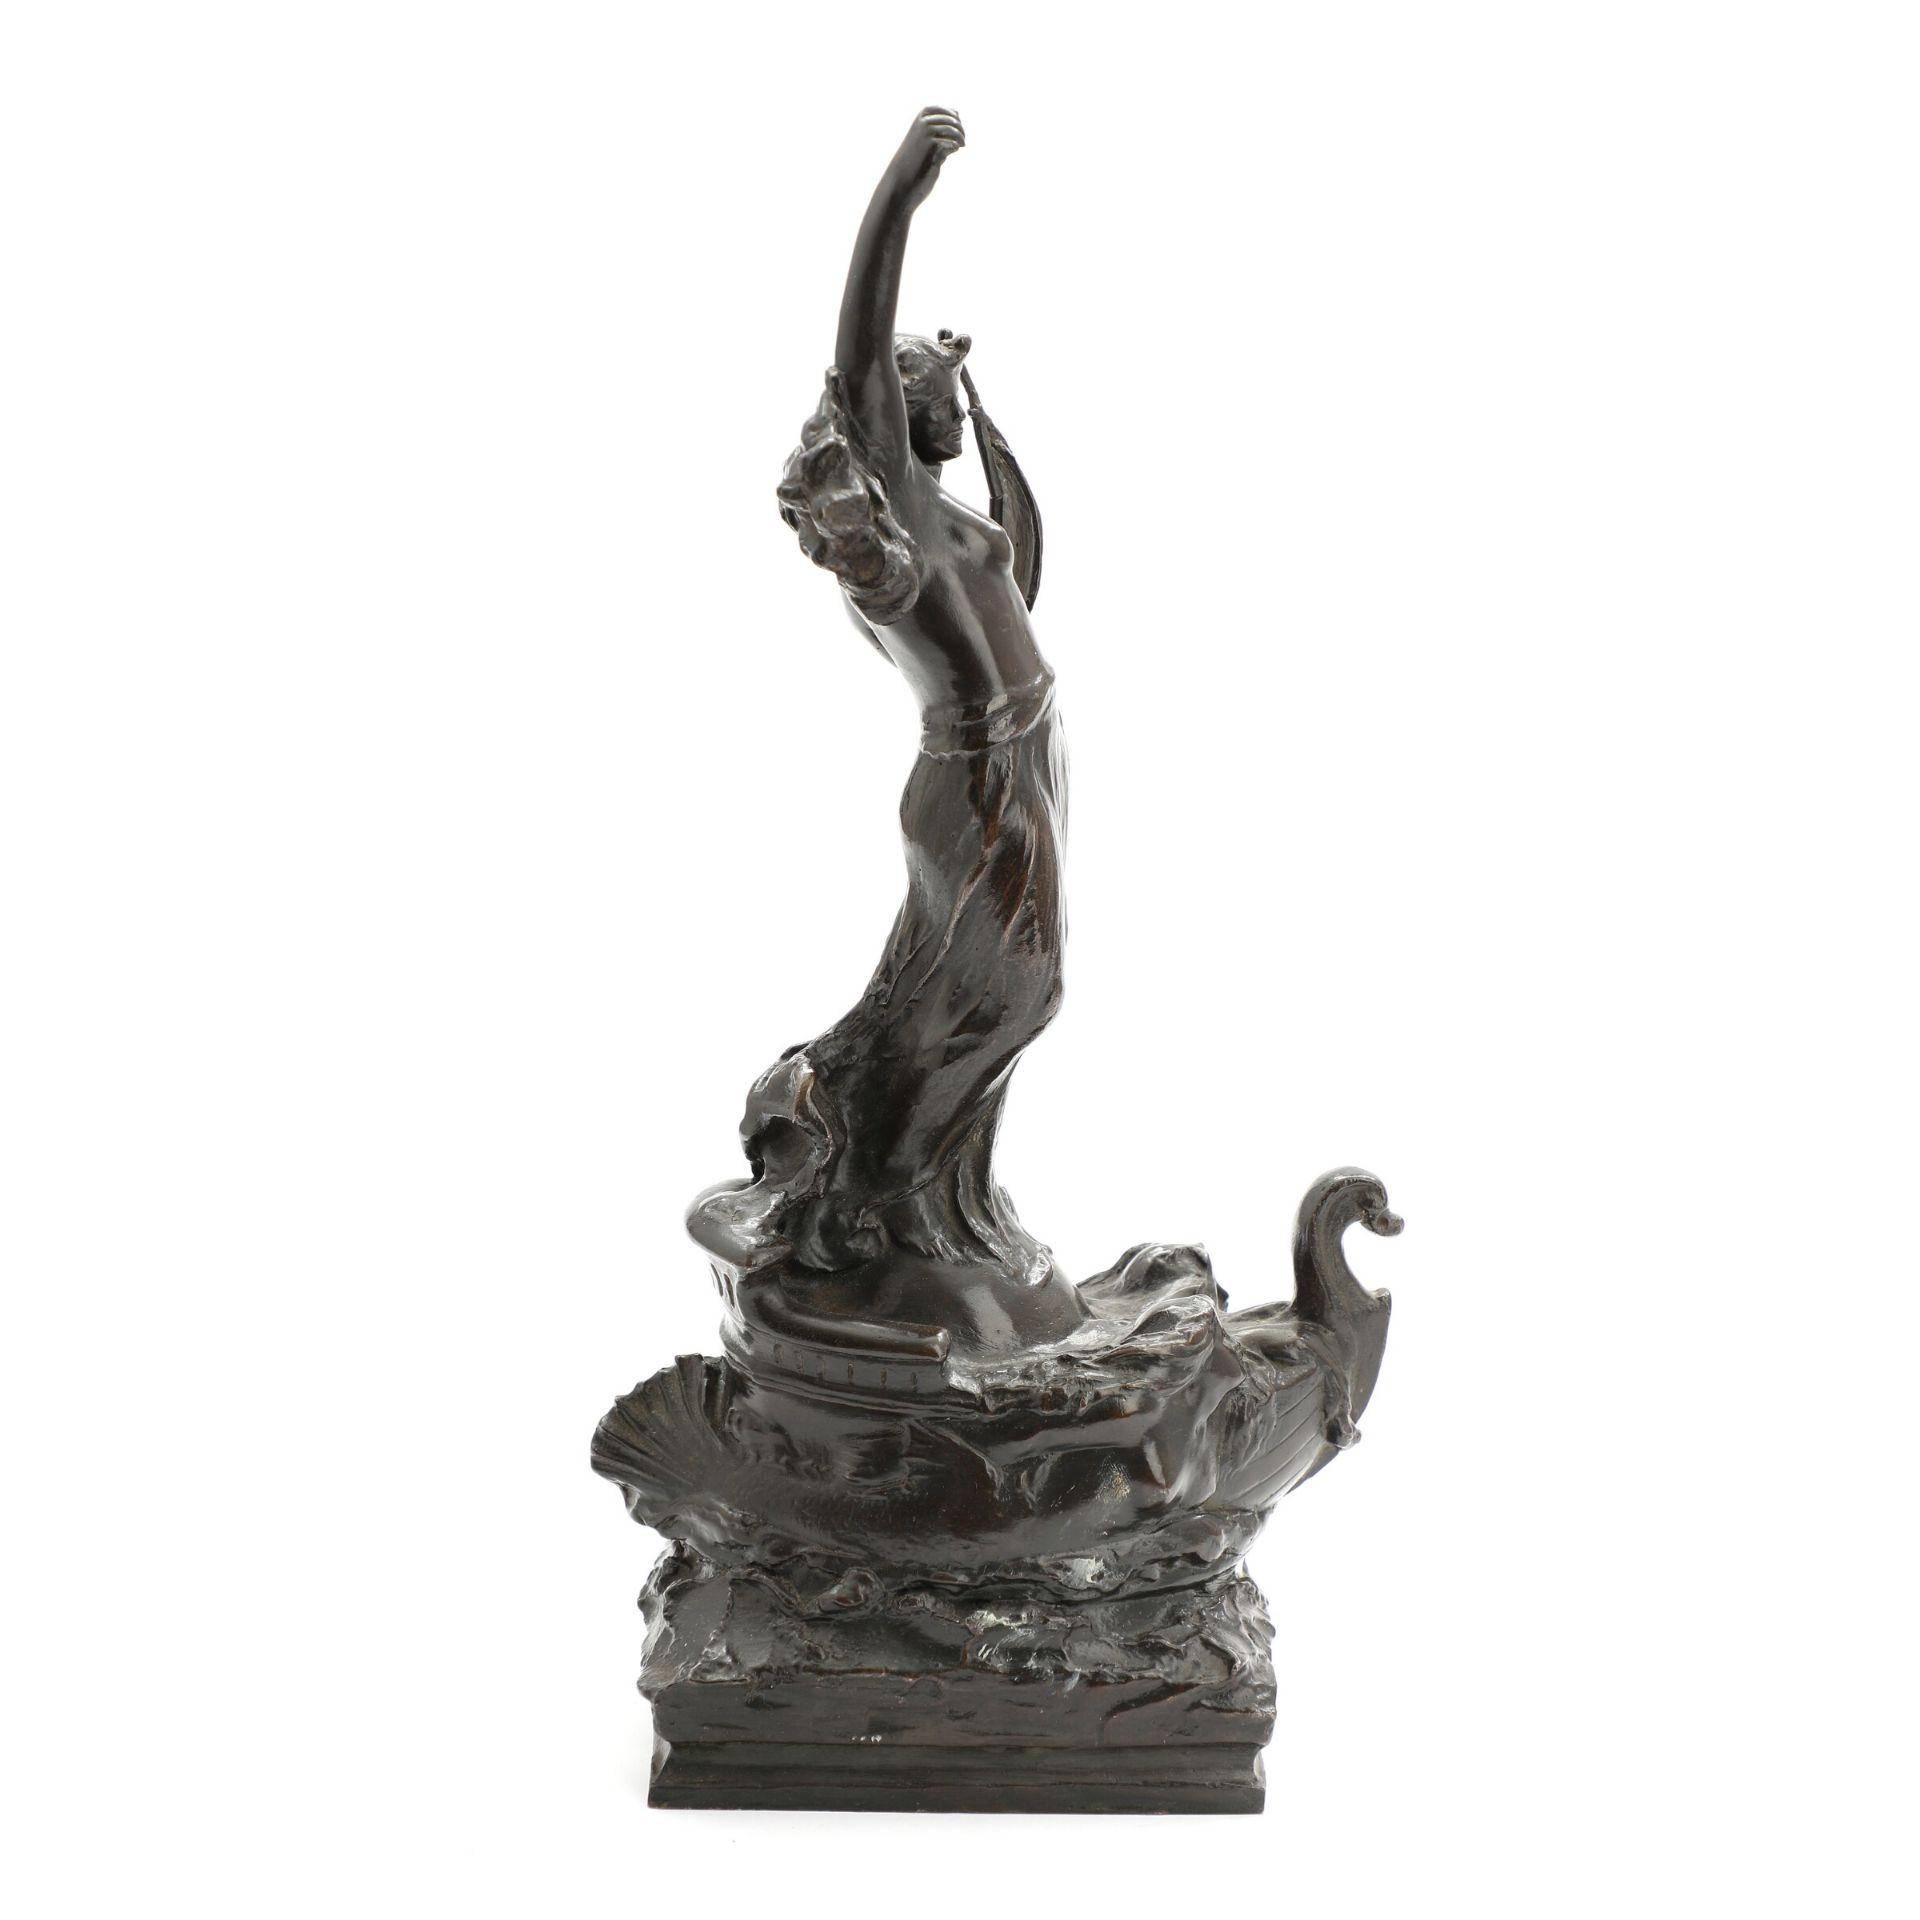 Unbek. Bildhauer. Darstellung einer Schutzpatronin der Seefahrer, evtl. Amanda. Patinierte Bronze. - Bild 2 aus 4